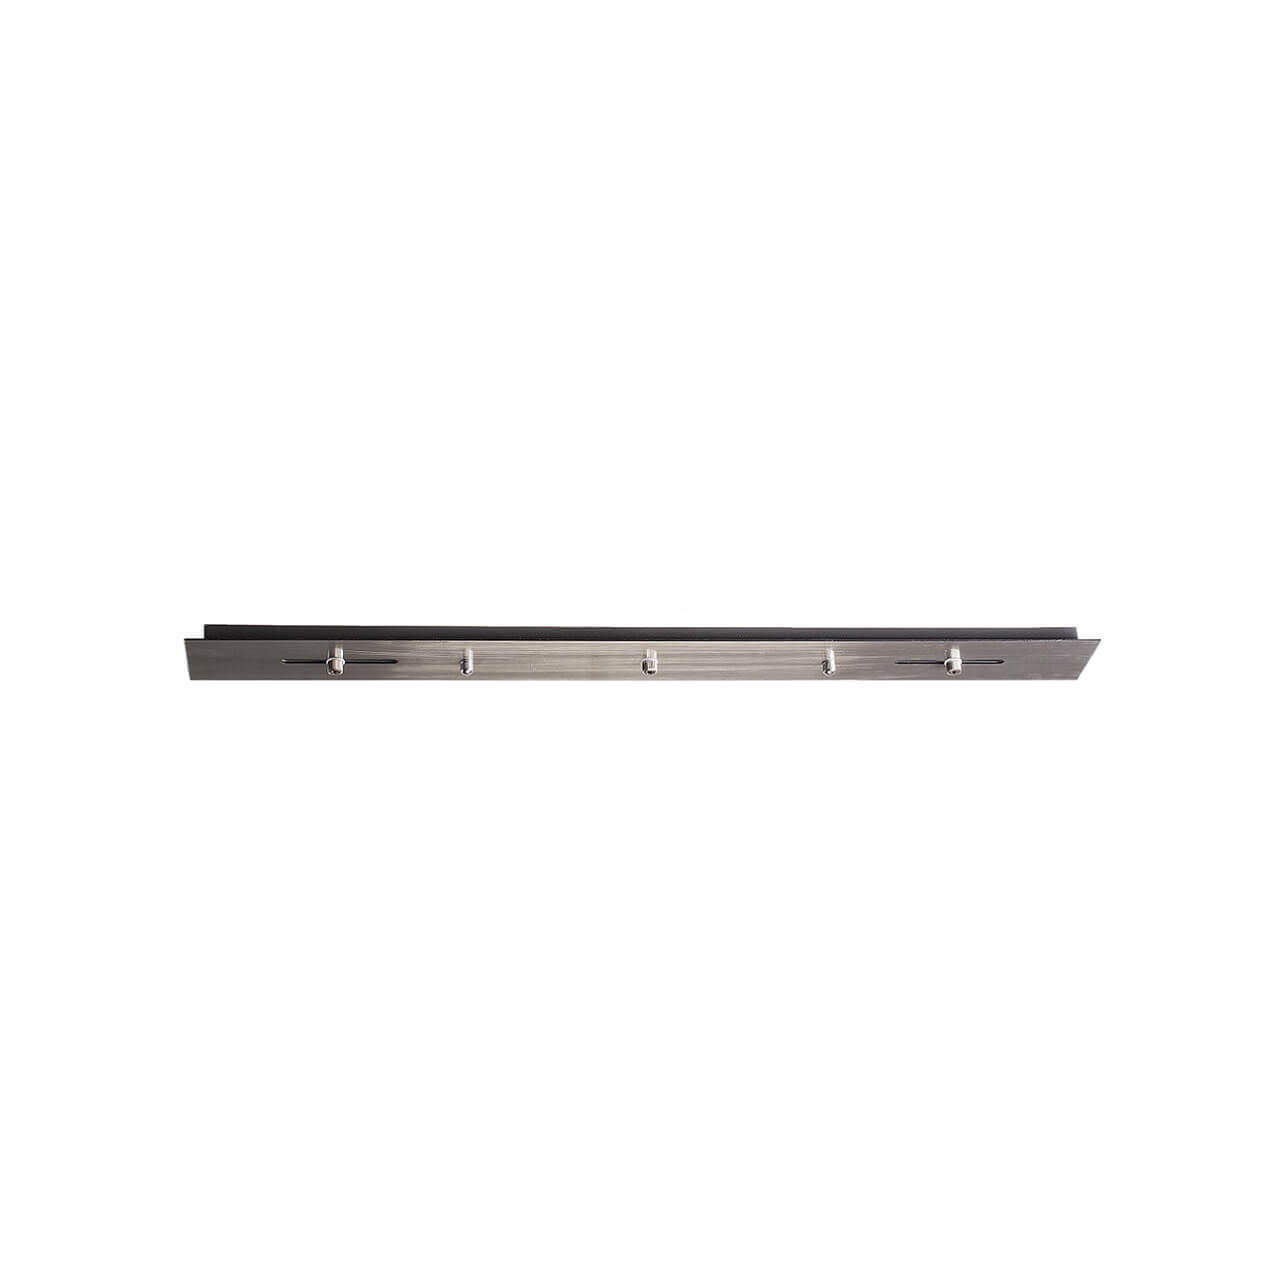 Основание для светильника Crystal Lux Потолочная база L800-3 Nickel Потолочная база